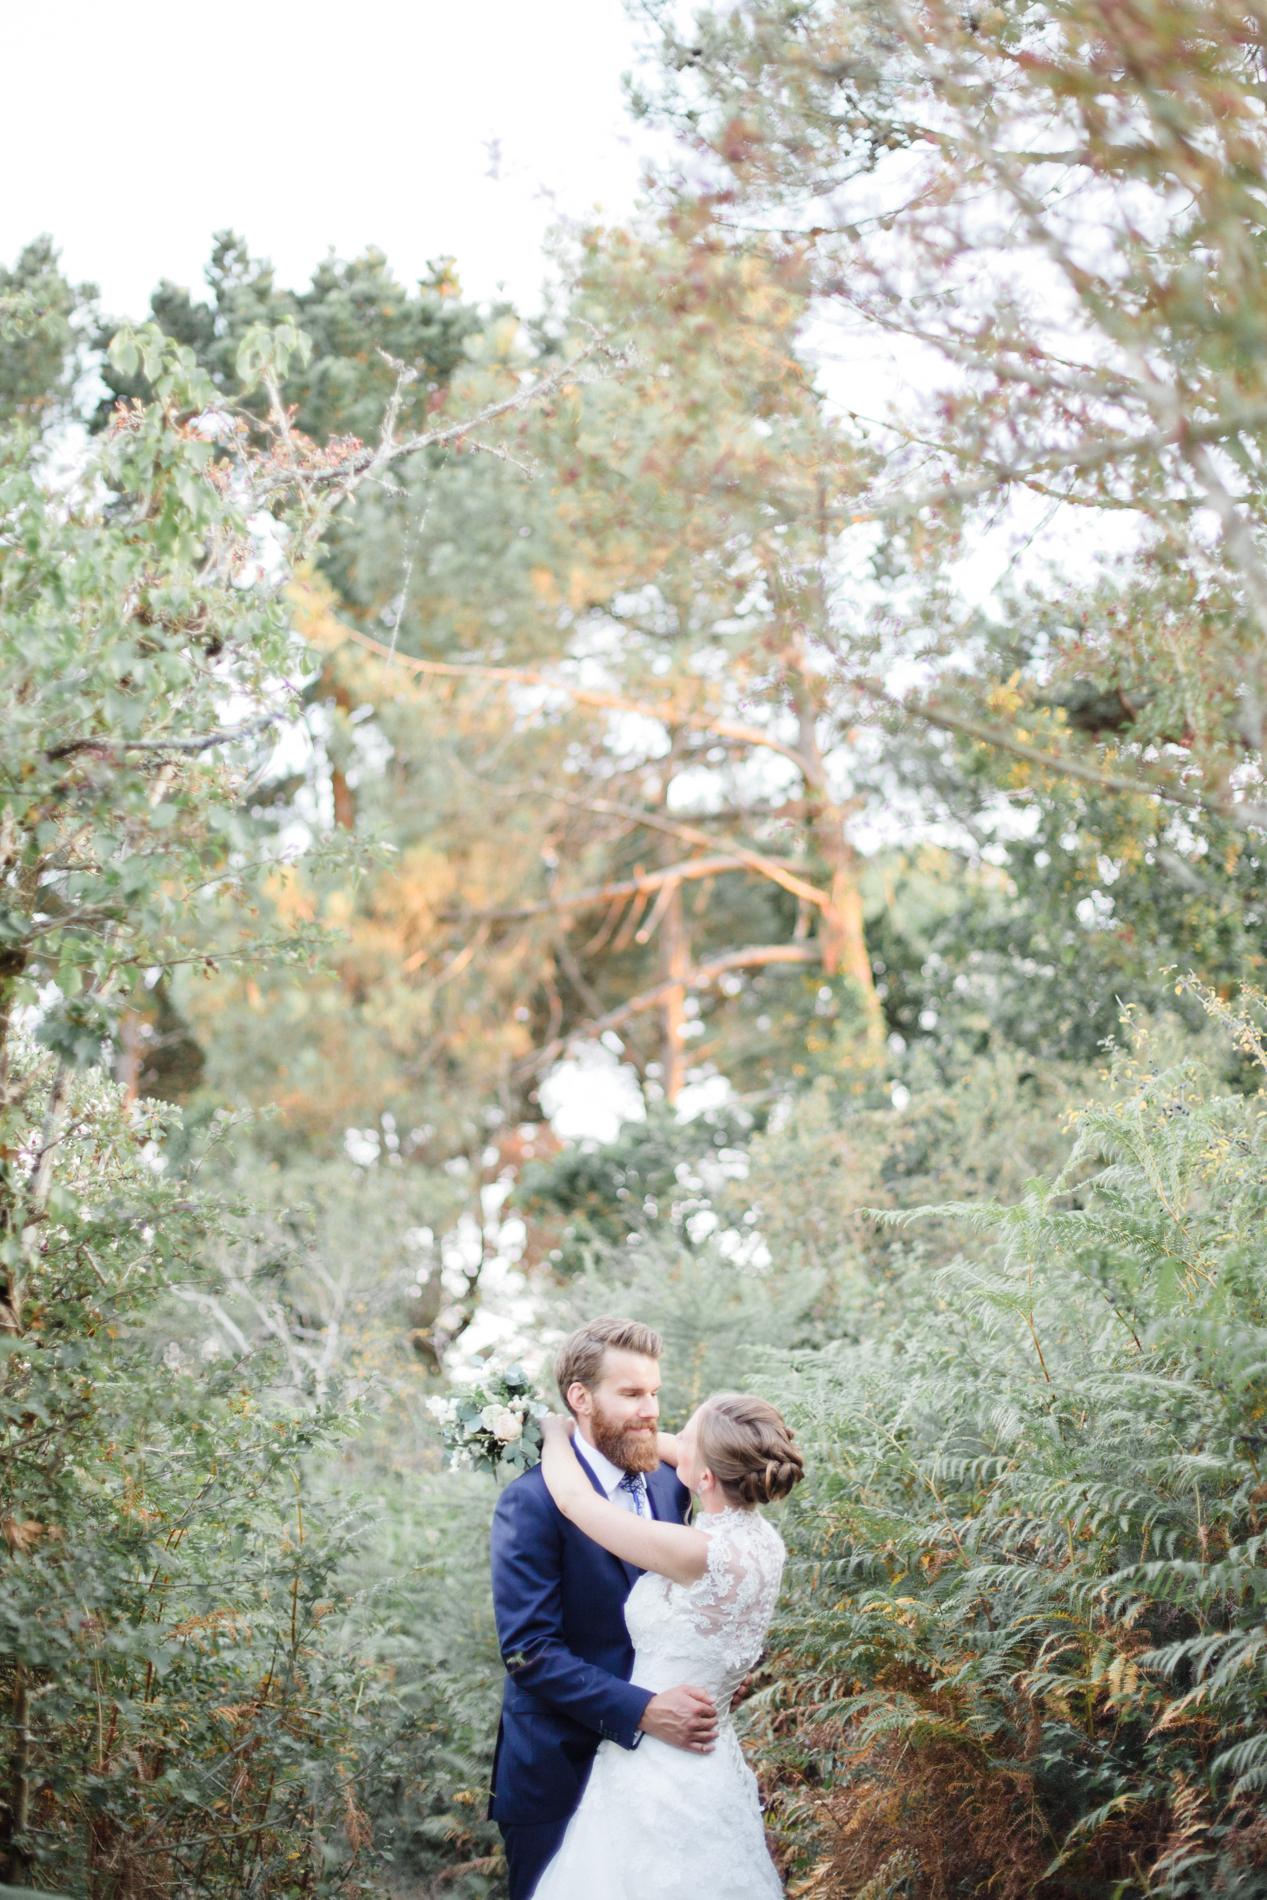 photographe-mariage-bretagne-maria-thomas-93